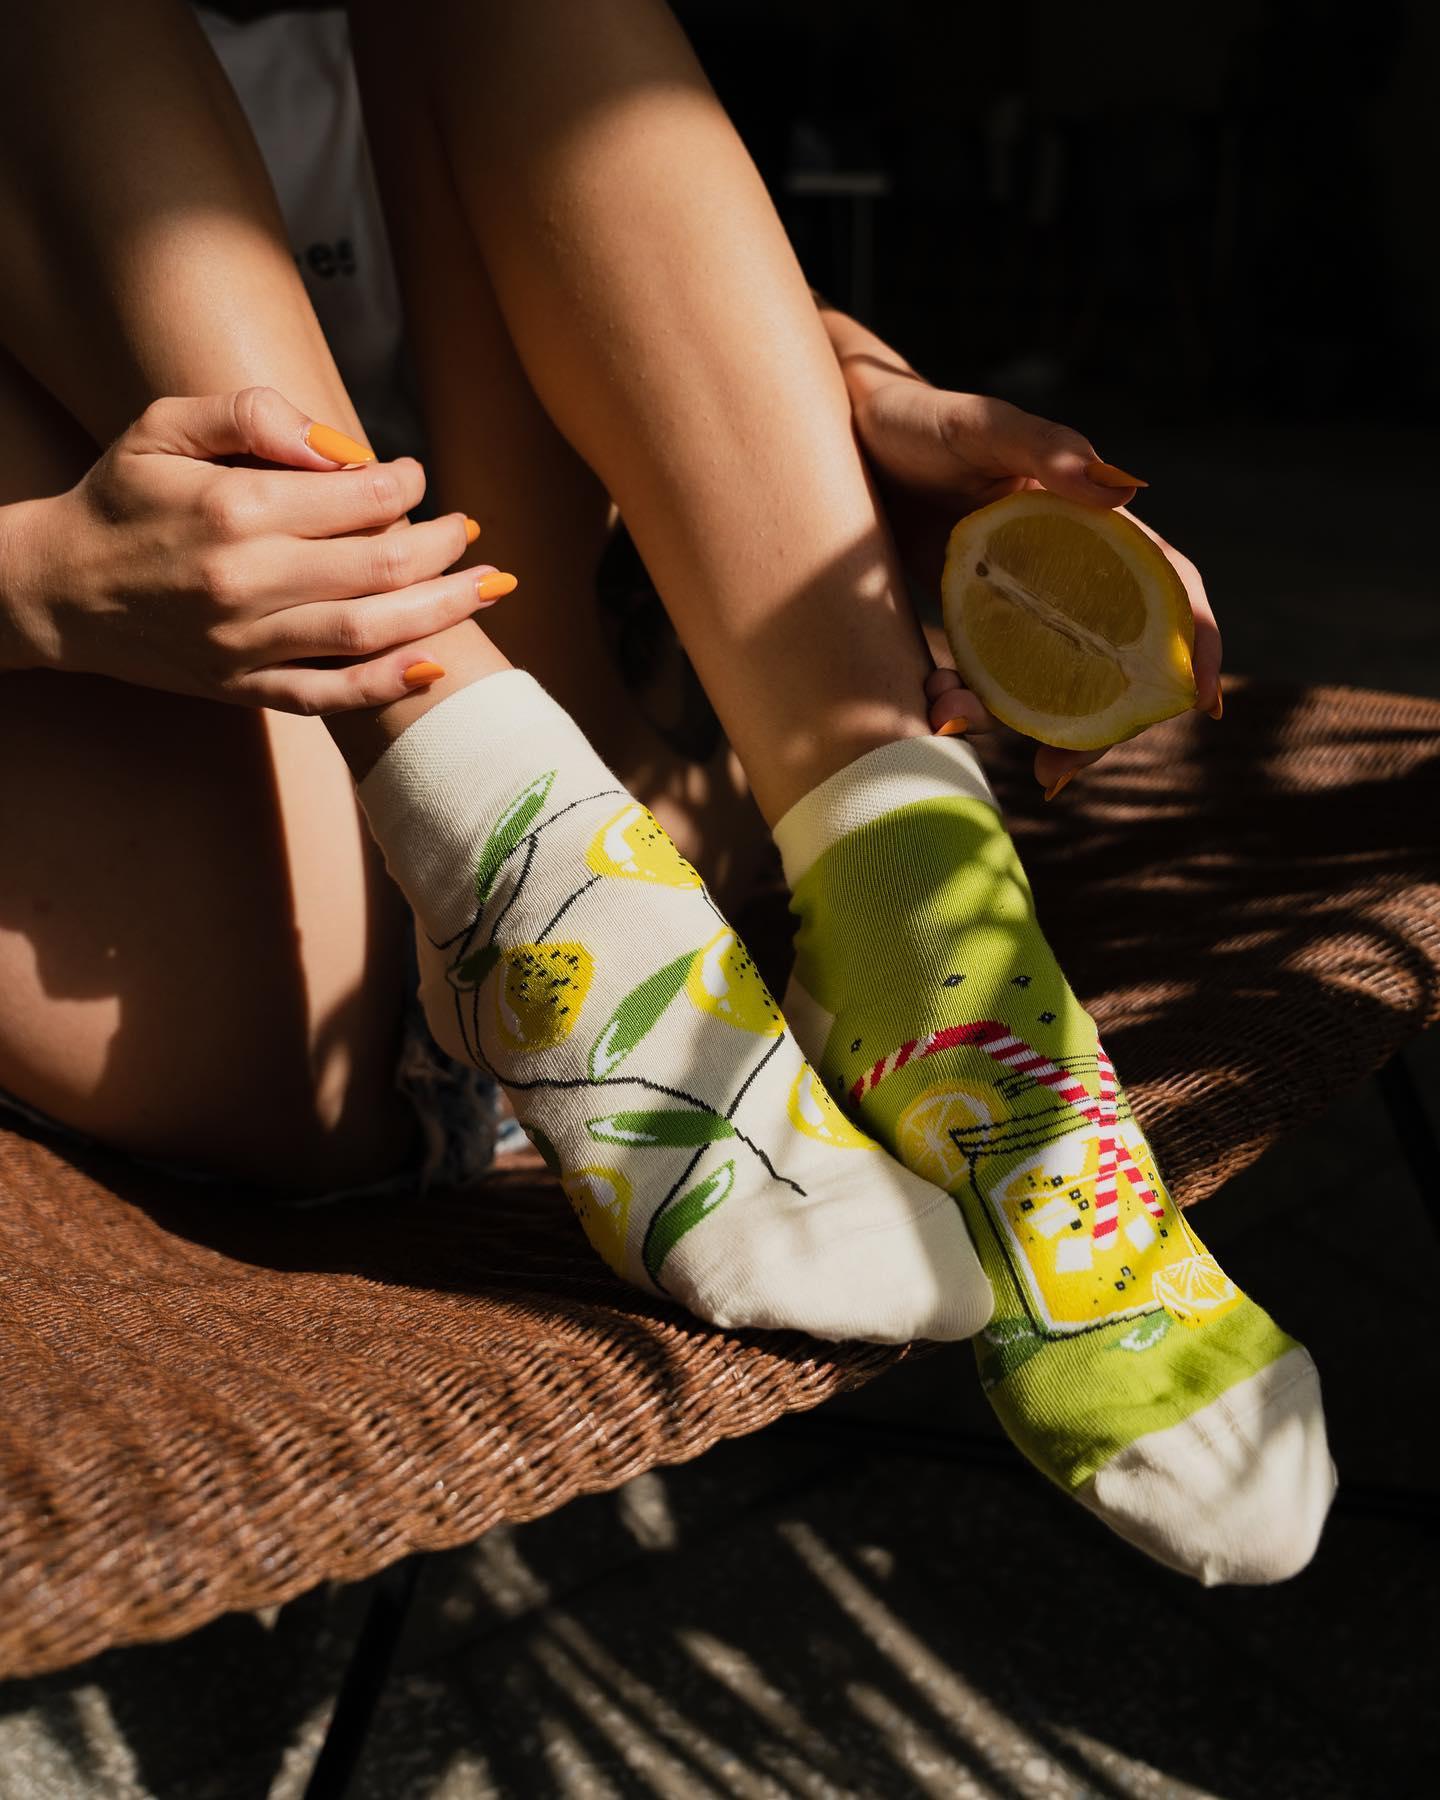 Jak zatrzymać lato na dłużej? I jak pomyślimy, że całkiem niedaleko nas nadal jest bardzo ciepło, to mamy ochotę spakować walizki i wyjechać w tym kierunku 🙃 . . . . #socks #mismatchedsocks #mismatched #lemoniada #cytryny #lemonade #girl #sunny #relax #nogi #instamood #latowróć